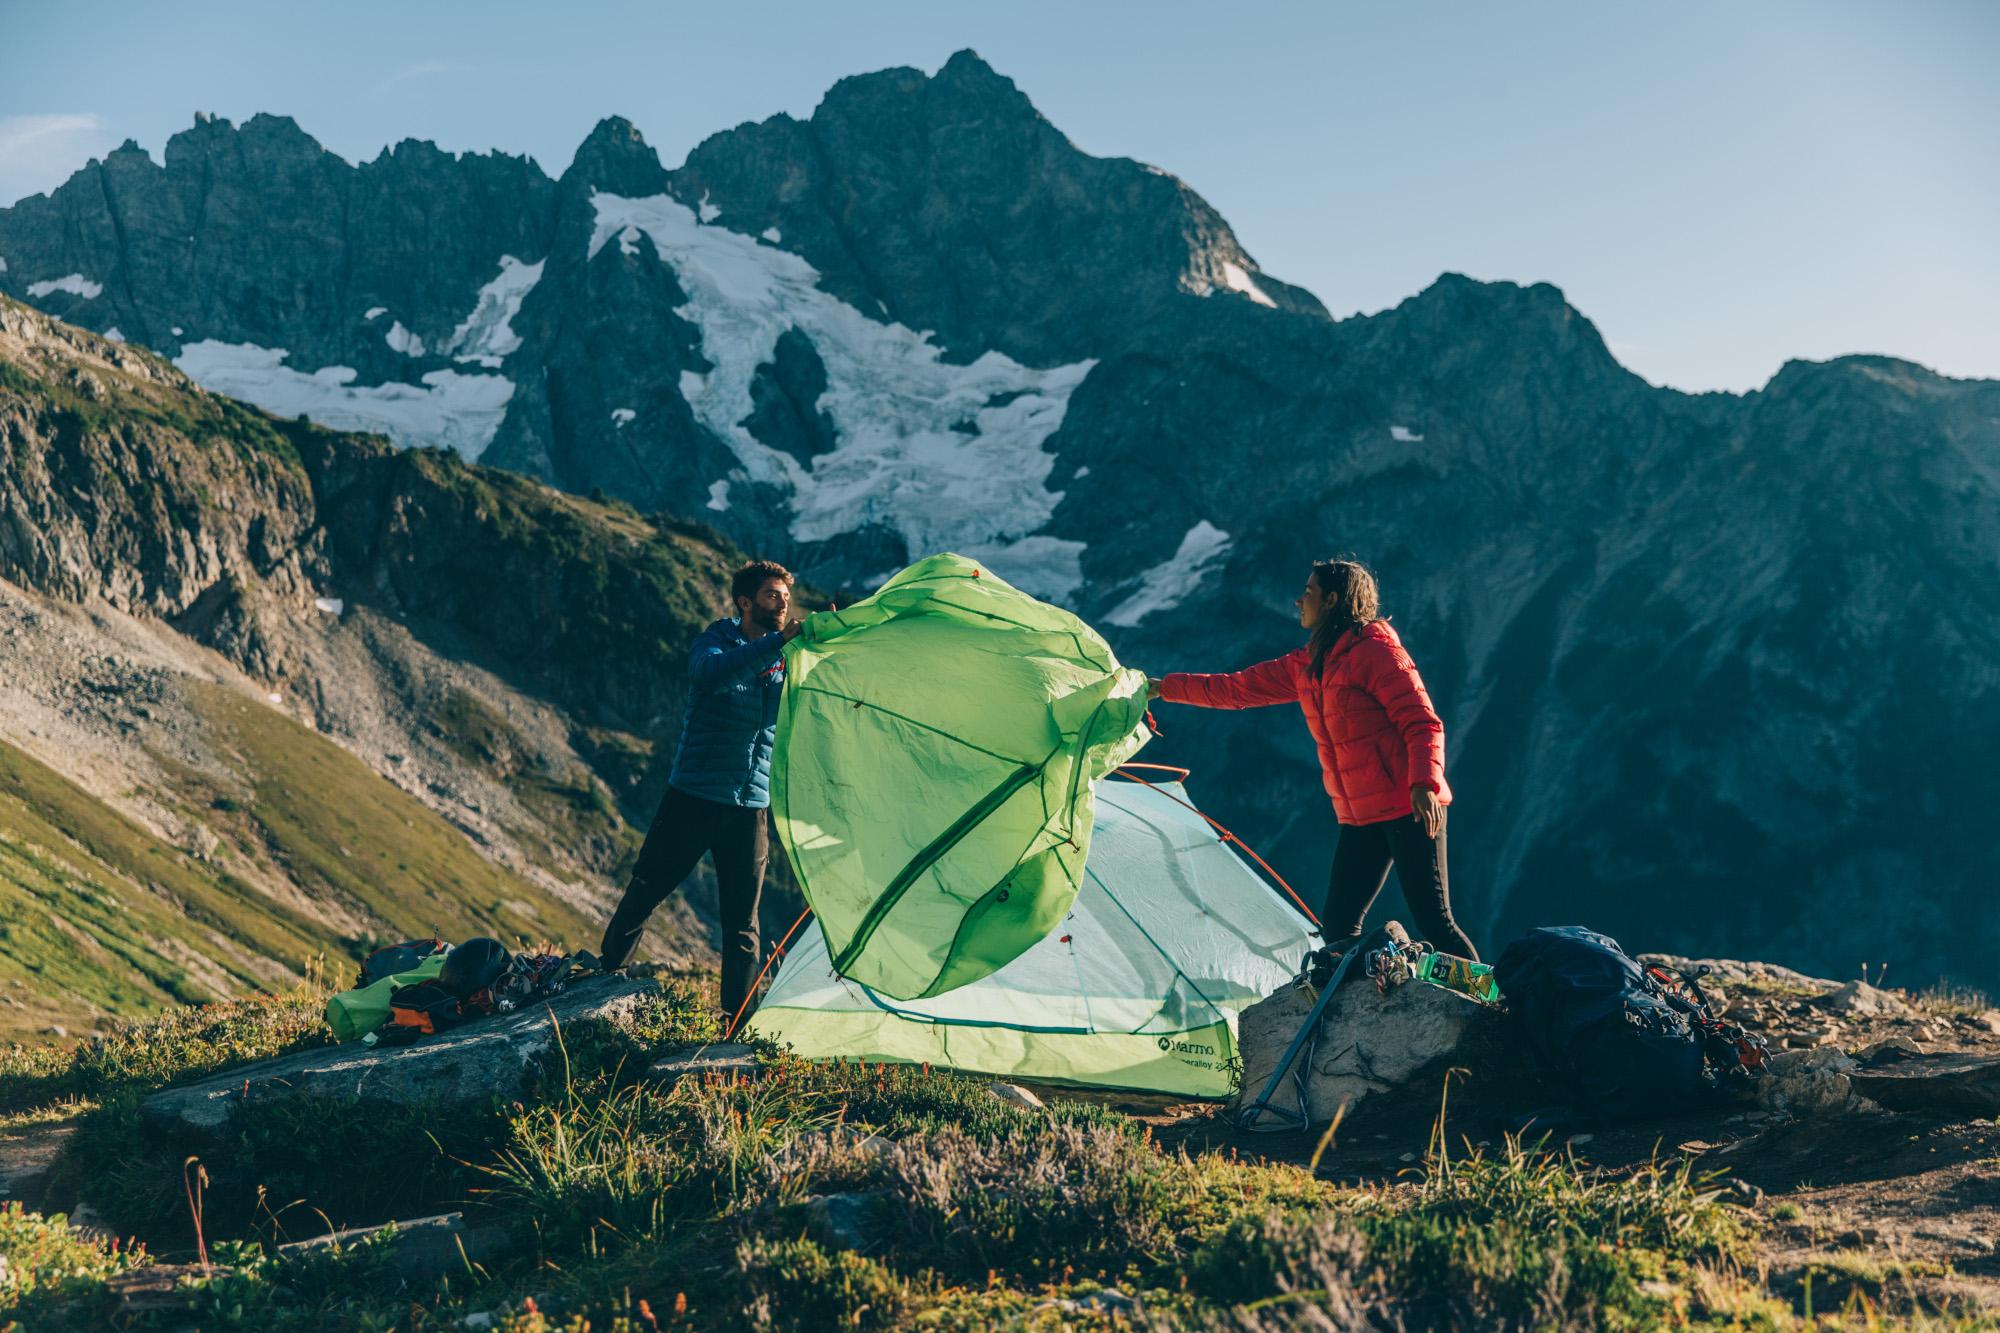 Eine Frau und ein Mann bauen gemeinsam ein Zelt von marmot auf. gerade werfen sie das Rainfly über das Gestänge. Im Hintergrund sind Berge.